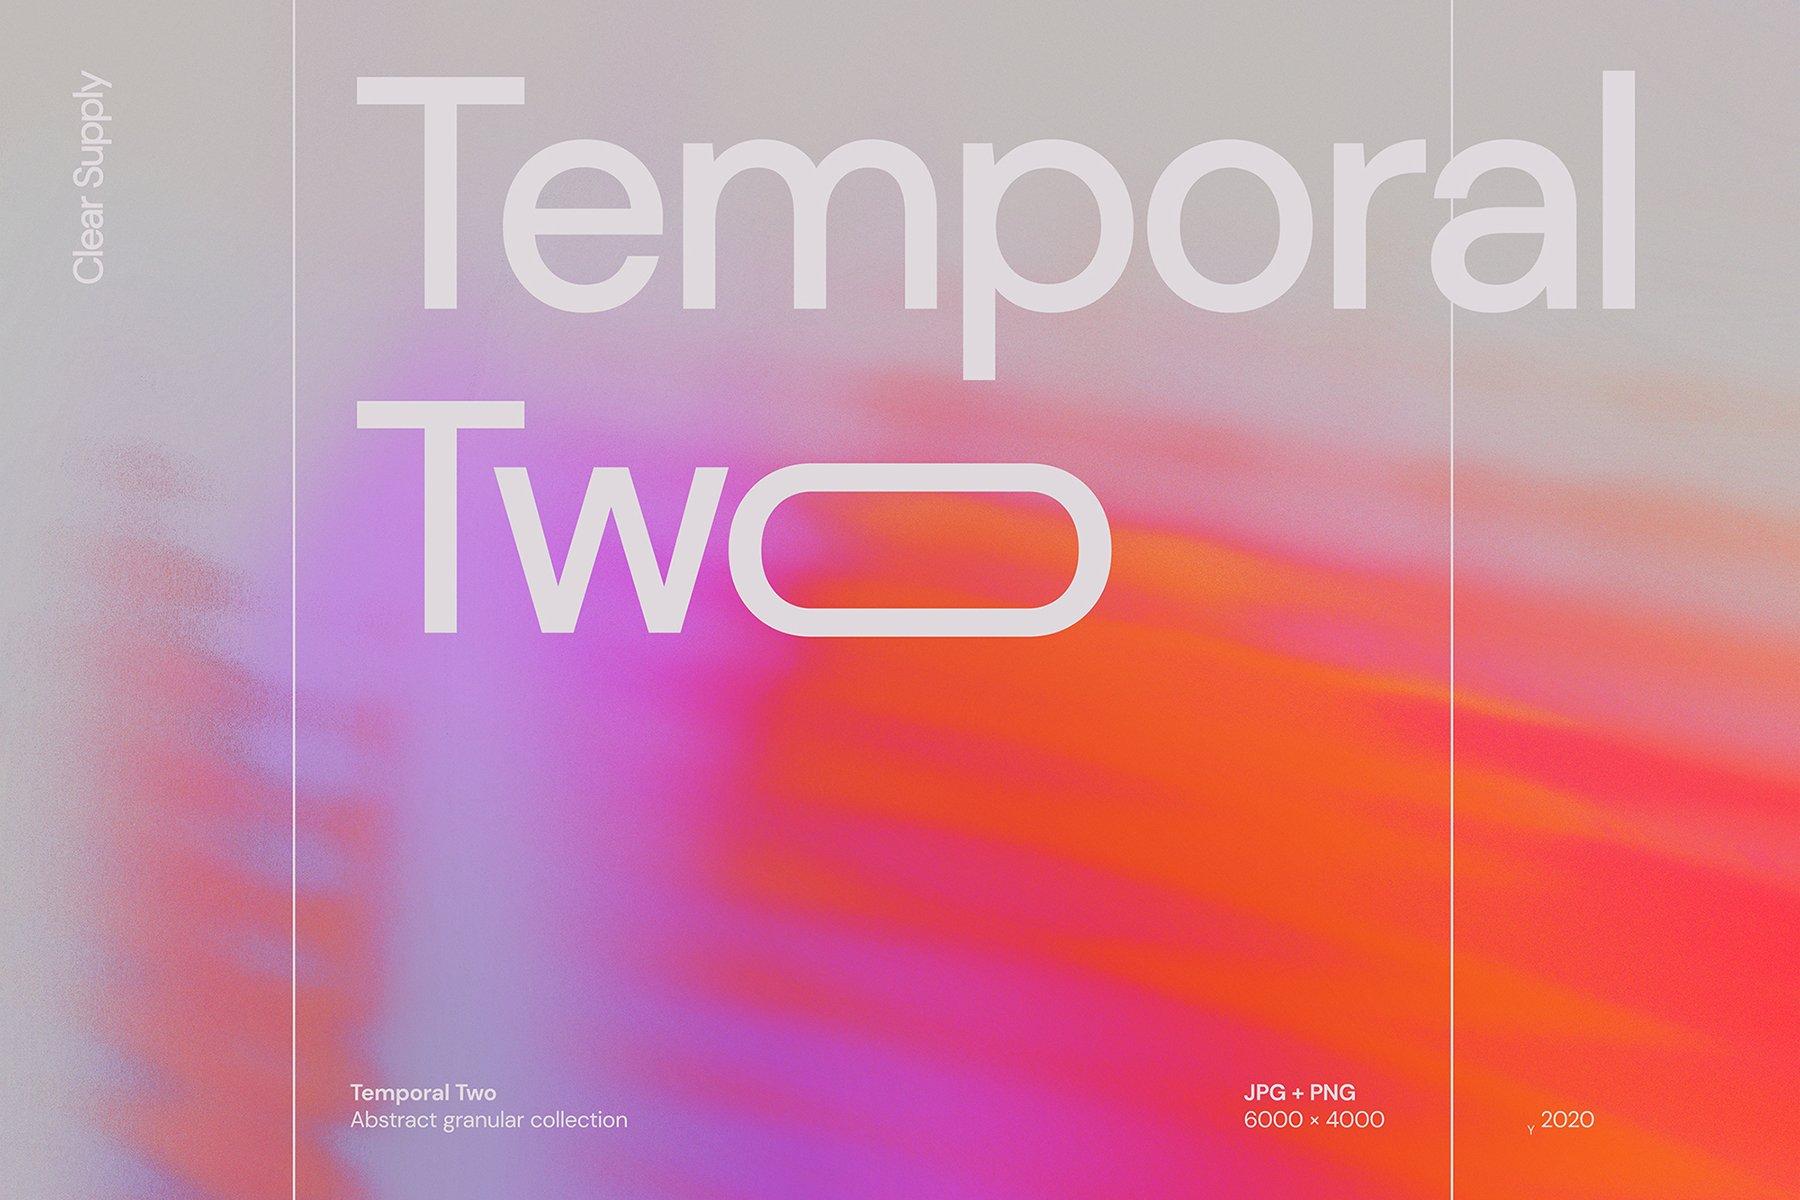 14款高清炫彩抽象艺术动感模糊渐变海报背景图片素材 Clear Supply – Temporal Two插图